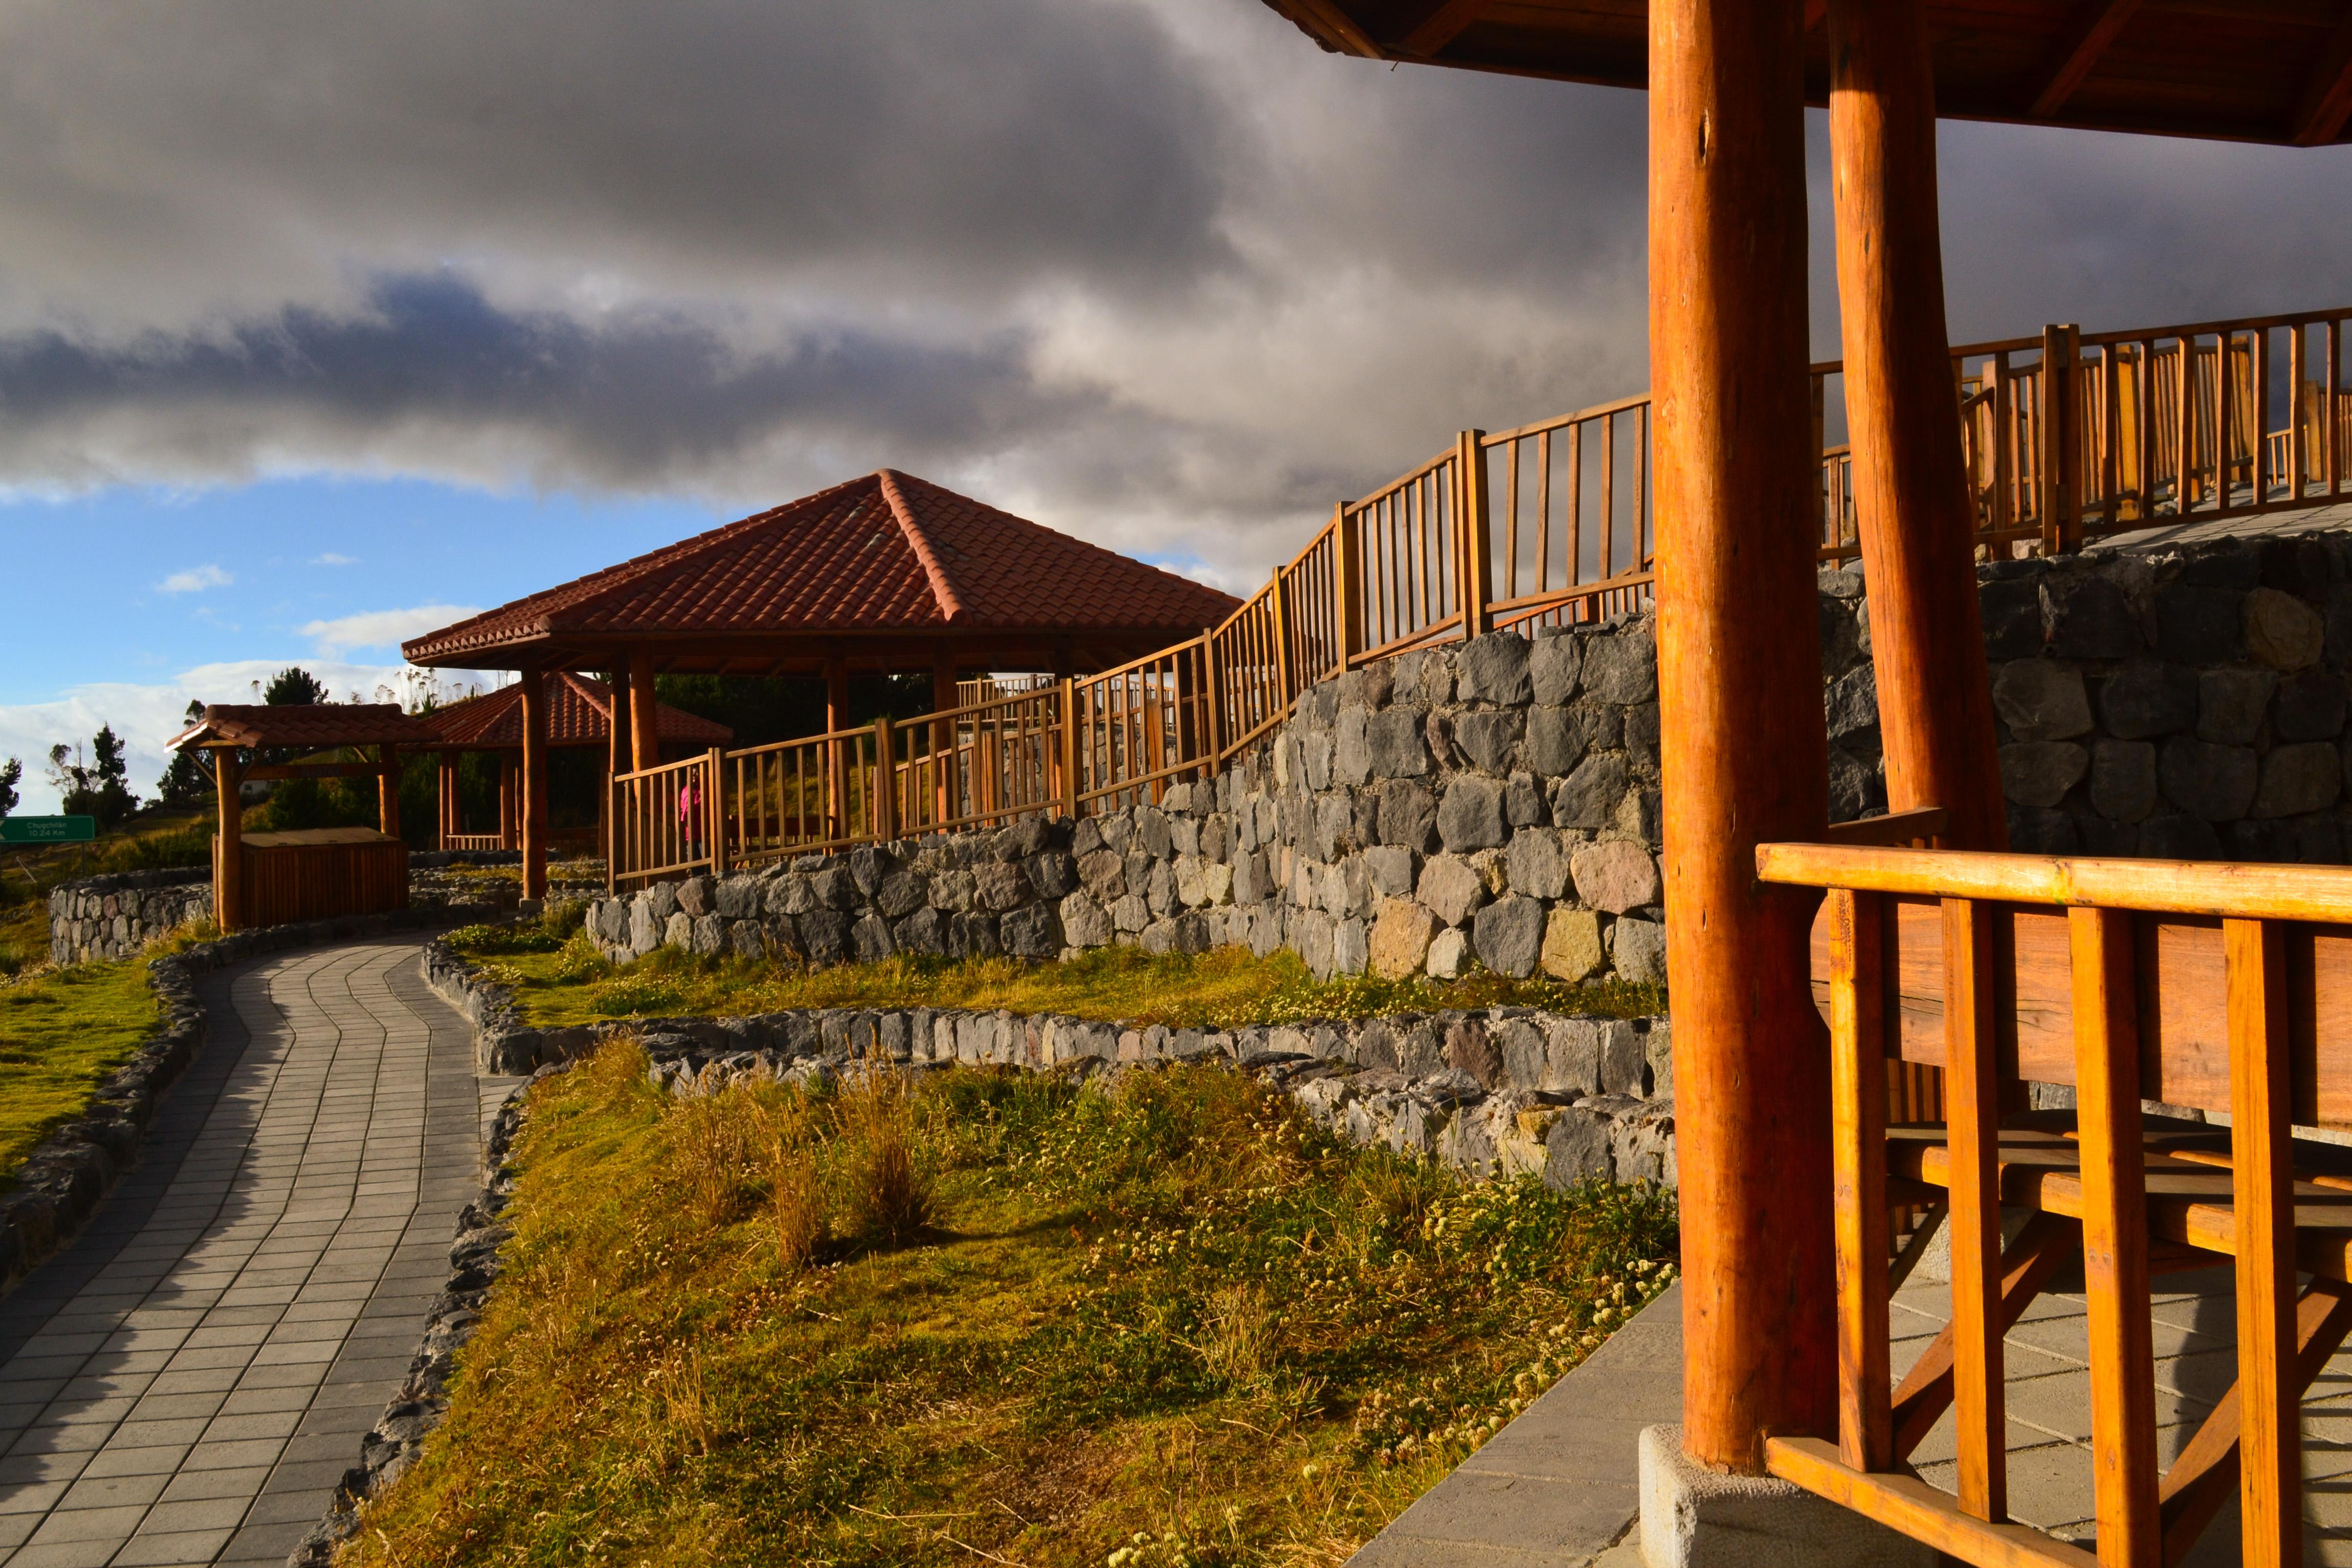 Circuito Quilotoa : Maquitaturismo circuito quilotoa quilotoa circuit